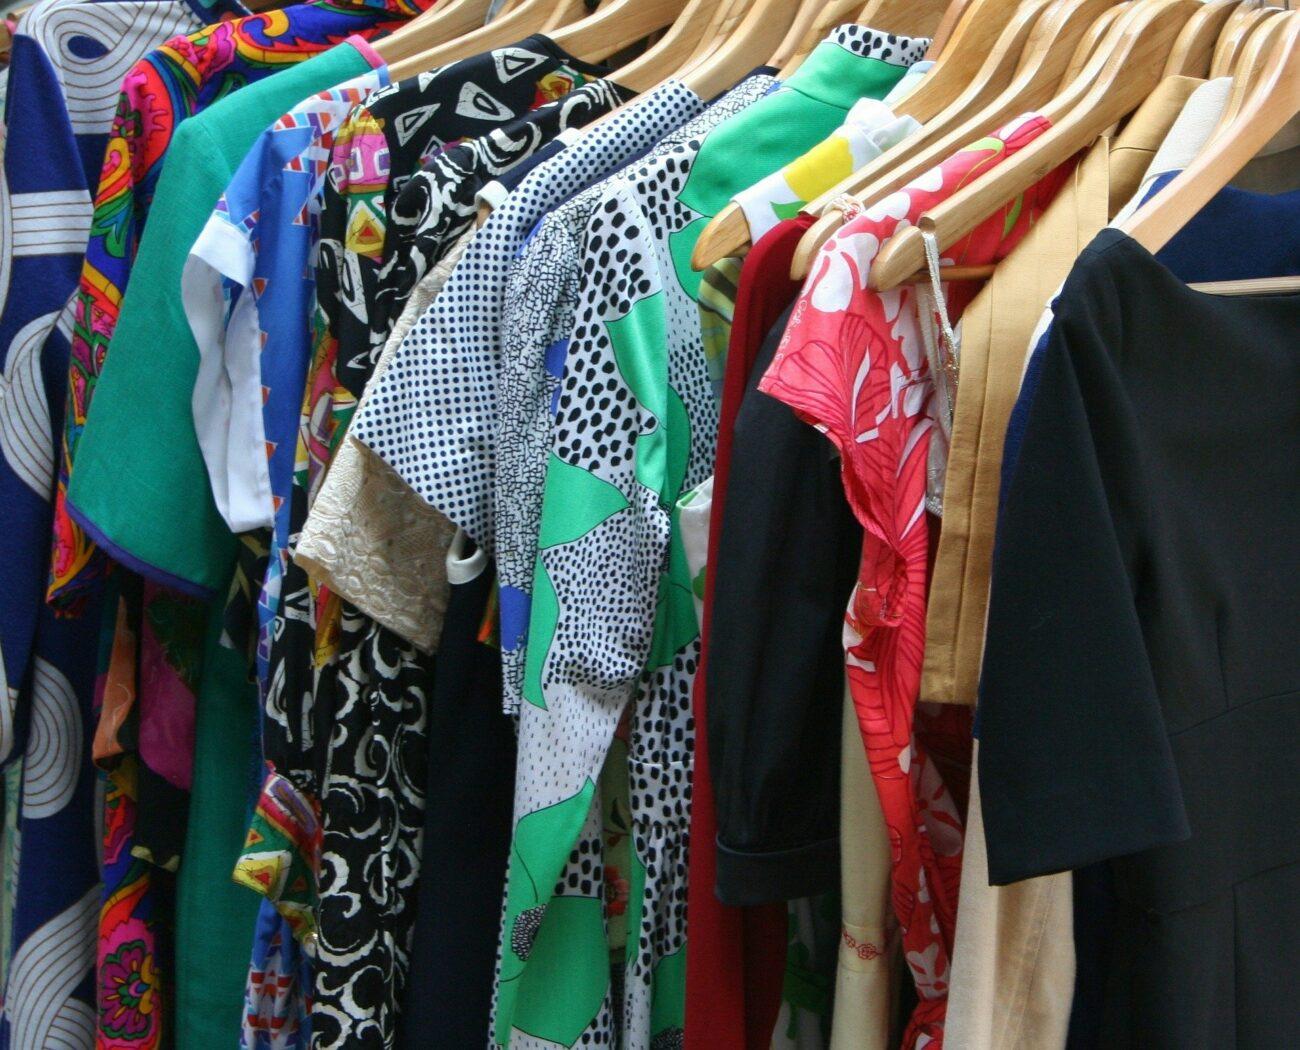 Używane ubrania można oddać